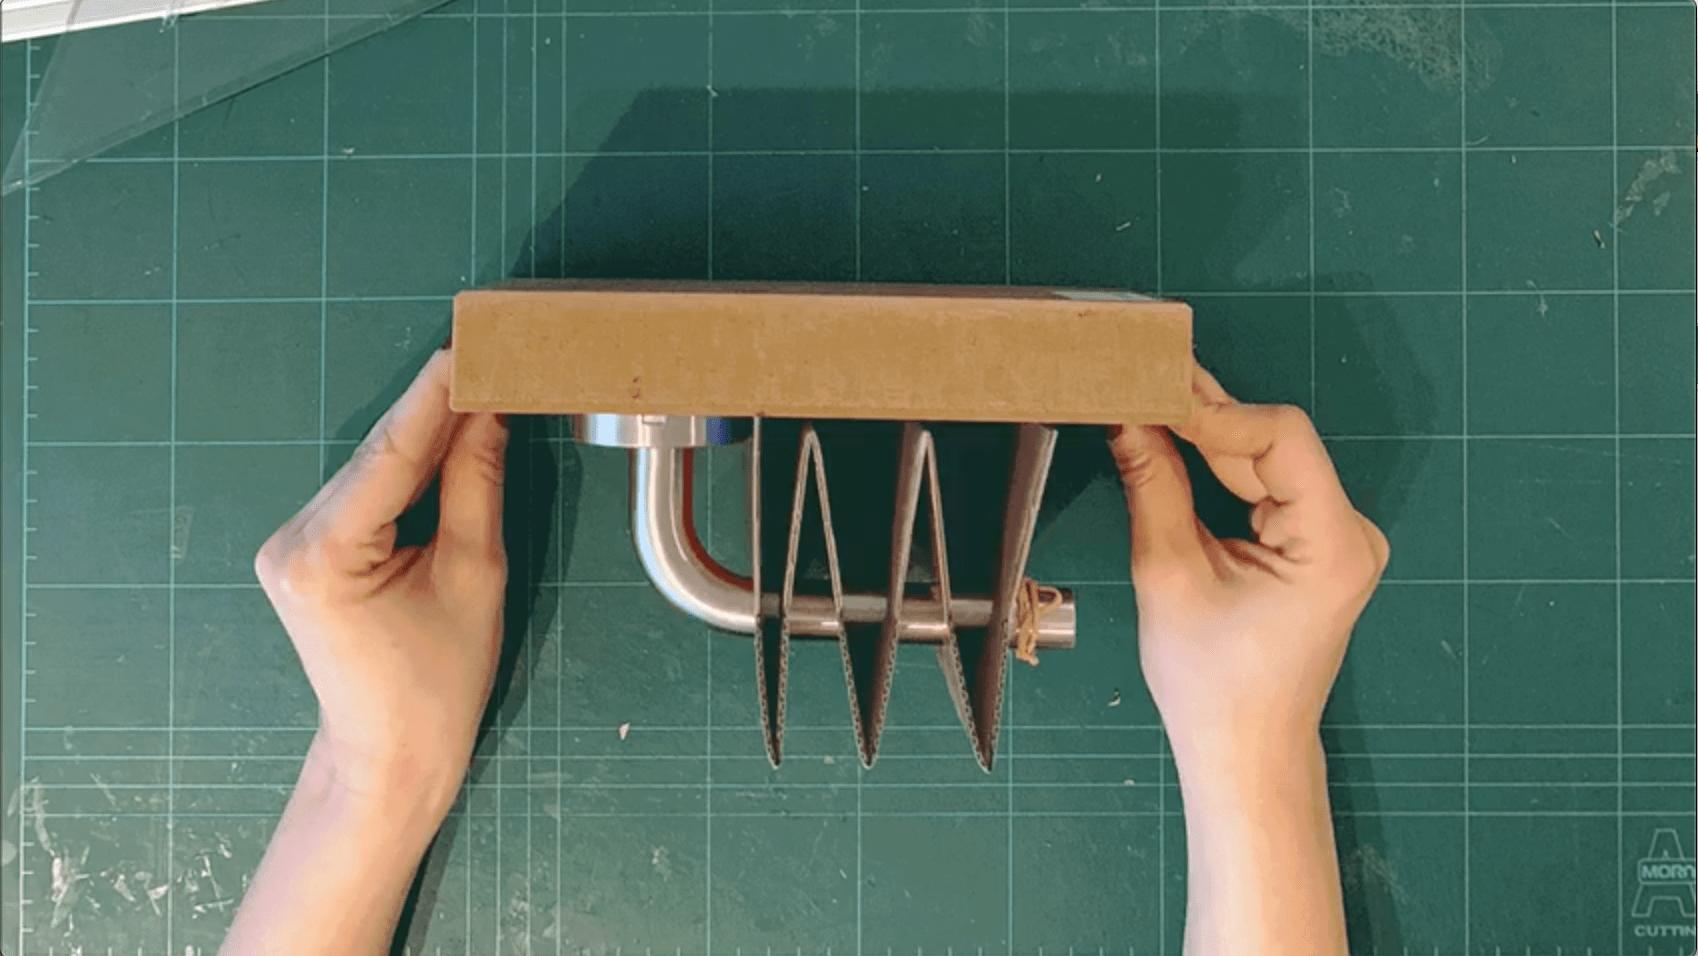 El Protector de manillas DIY que evita contagios que puedes construir gratis 90